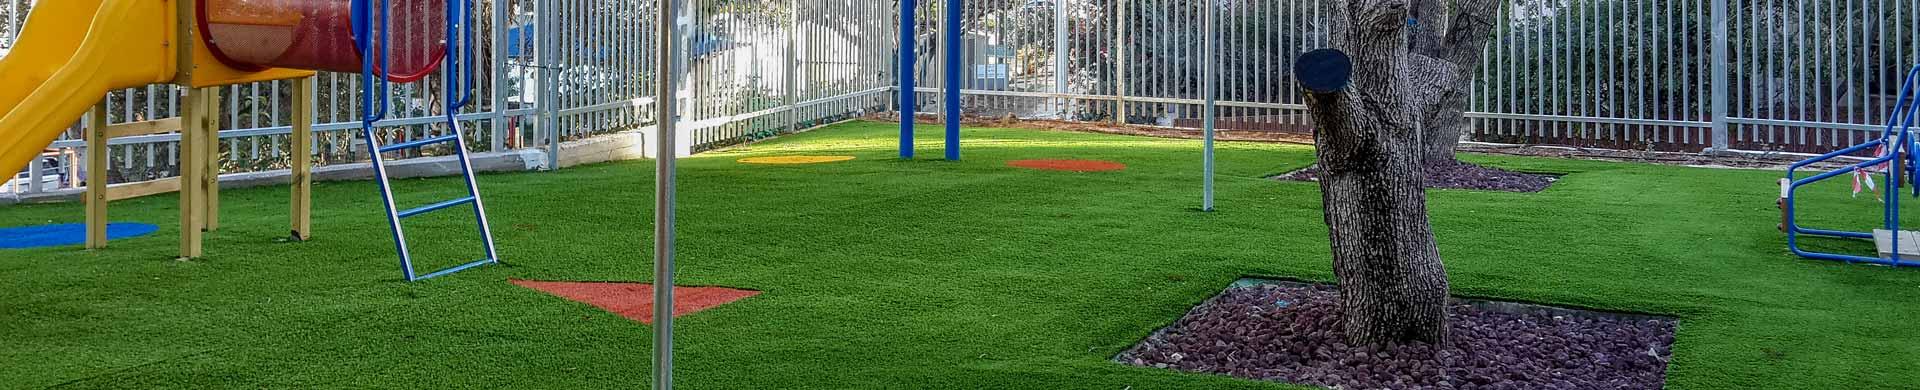 דשא סינתטי לגני ילדים